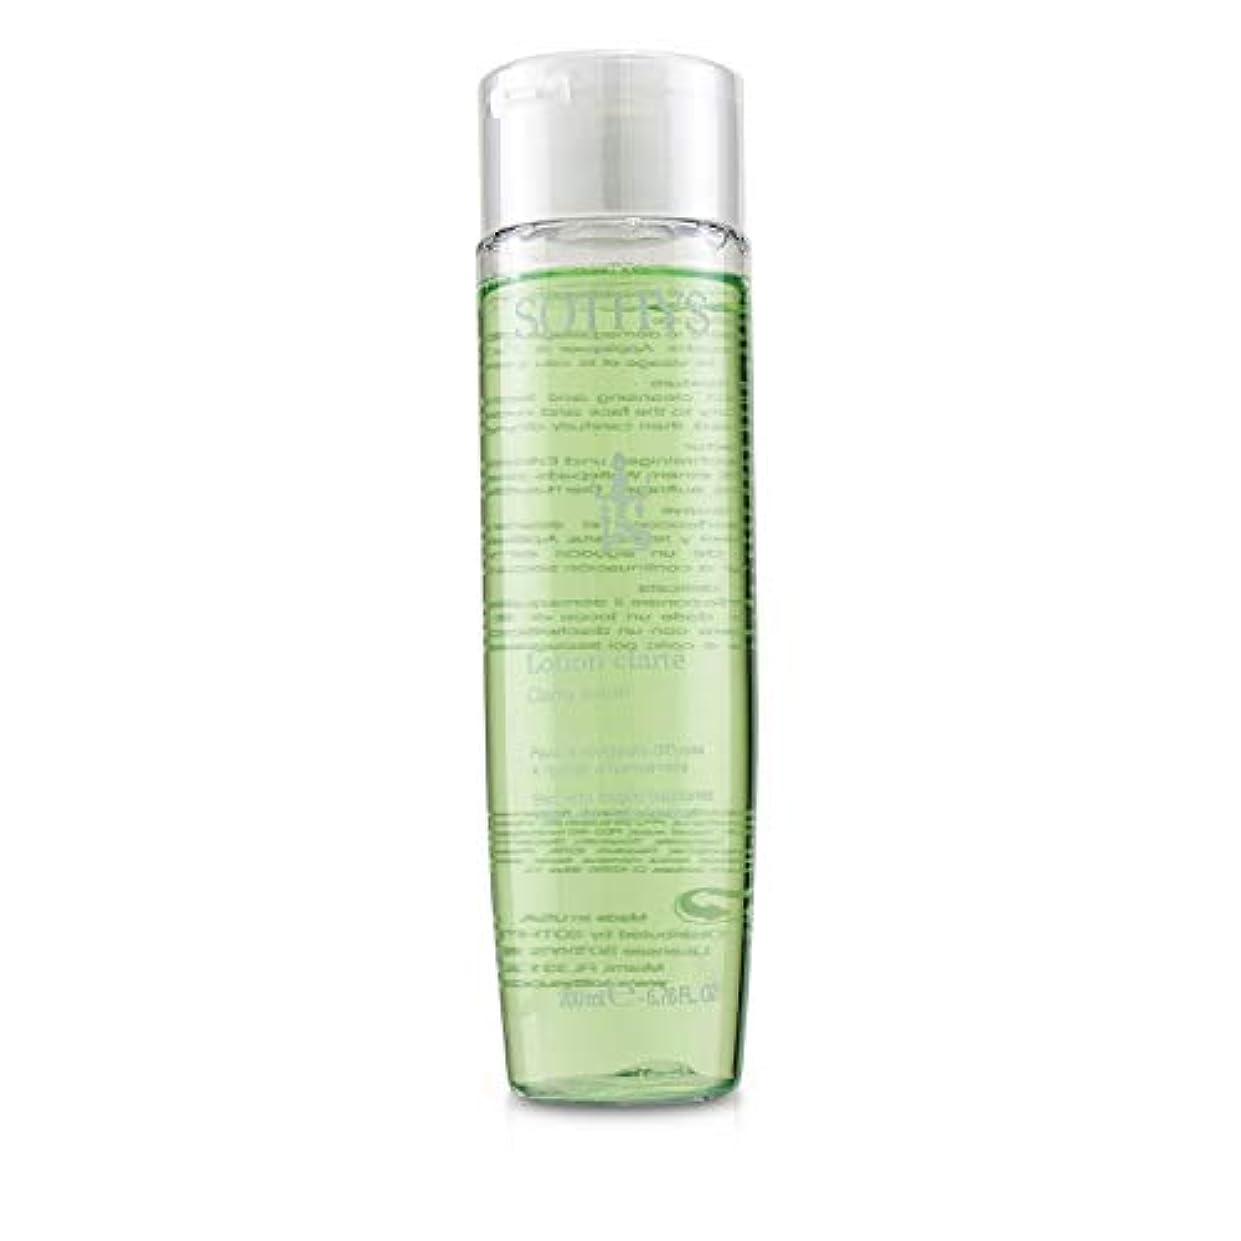 台風抗議効果的Sothys Clarity Lotion - For Skin With Fragile Capillaries, With Witch Hazel Extract 200ml/6.76oz並行輸入品